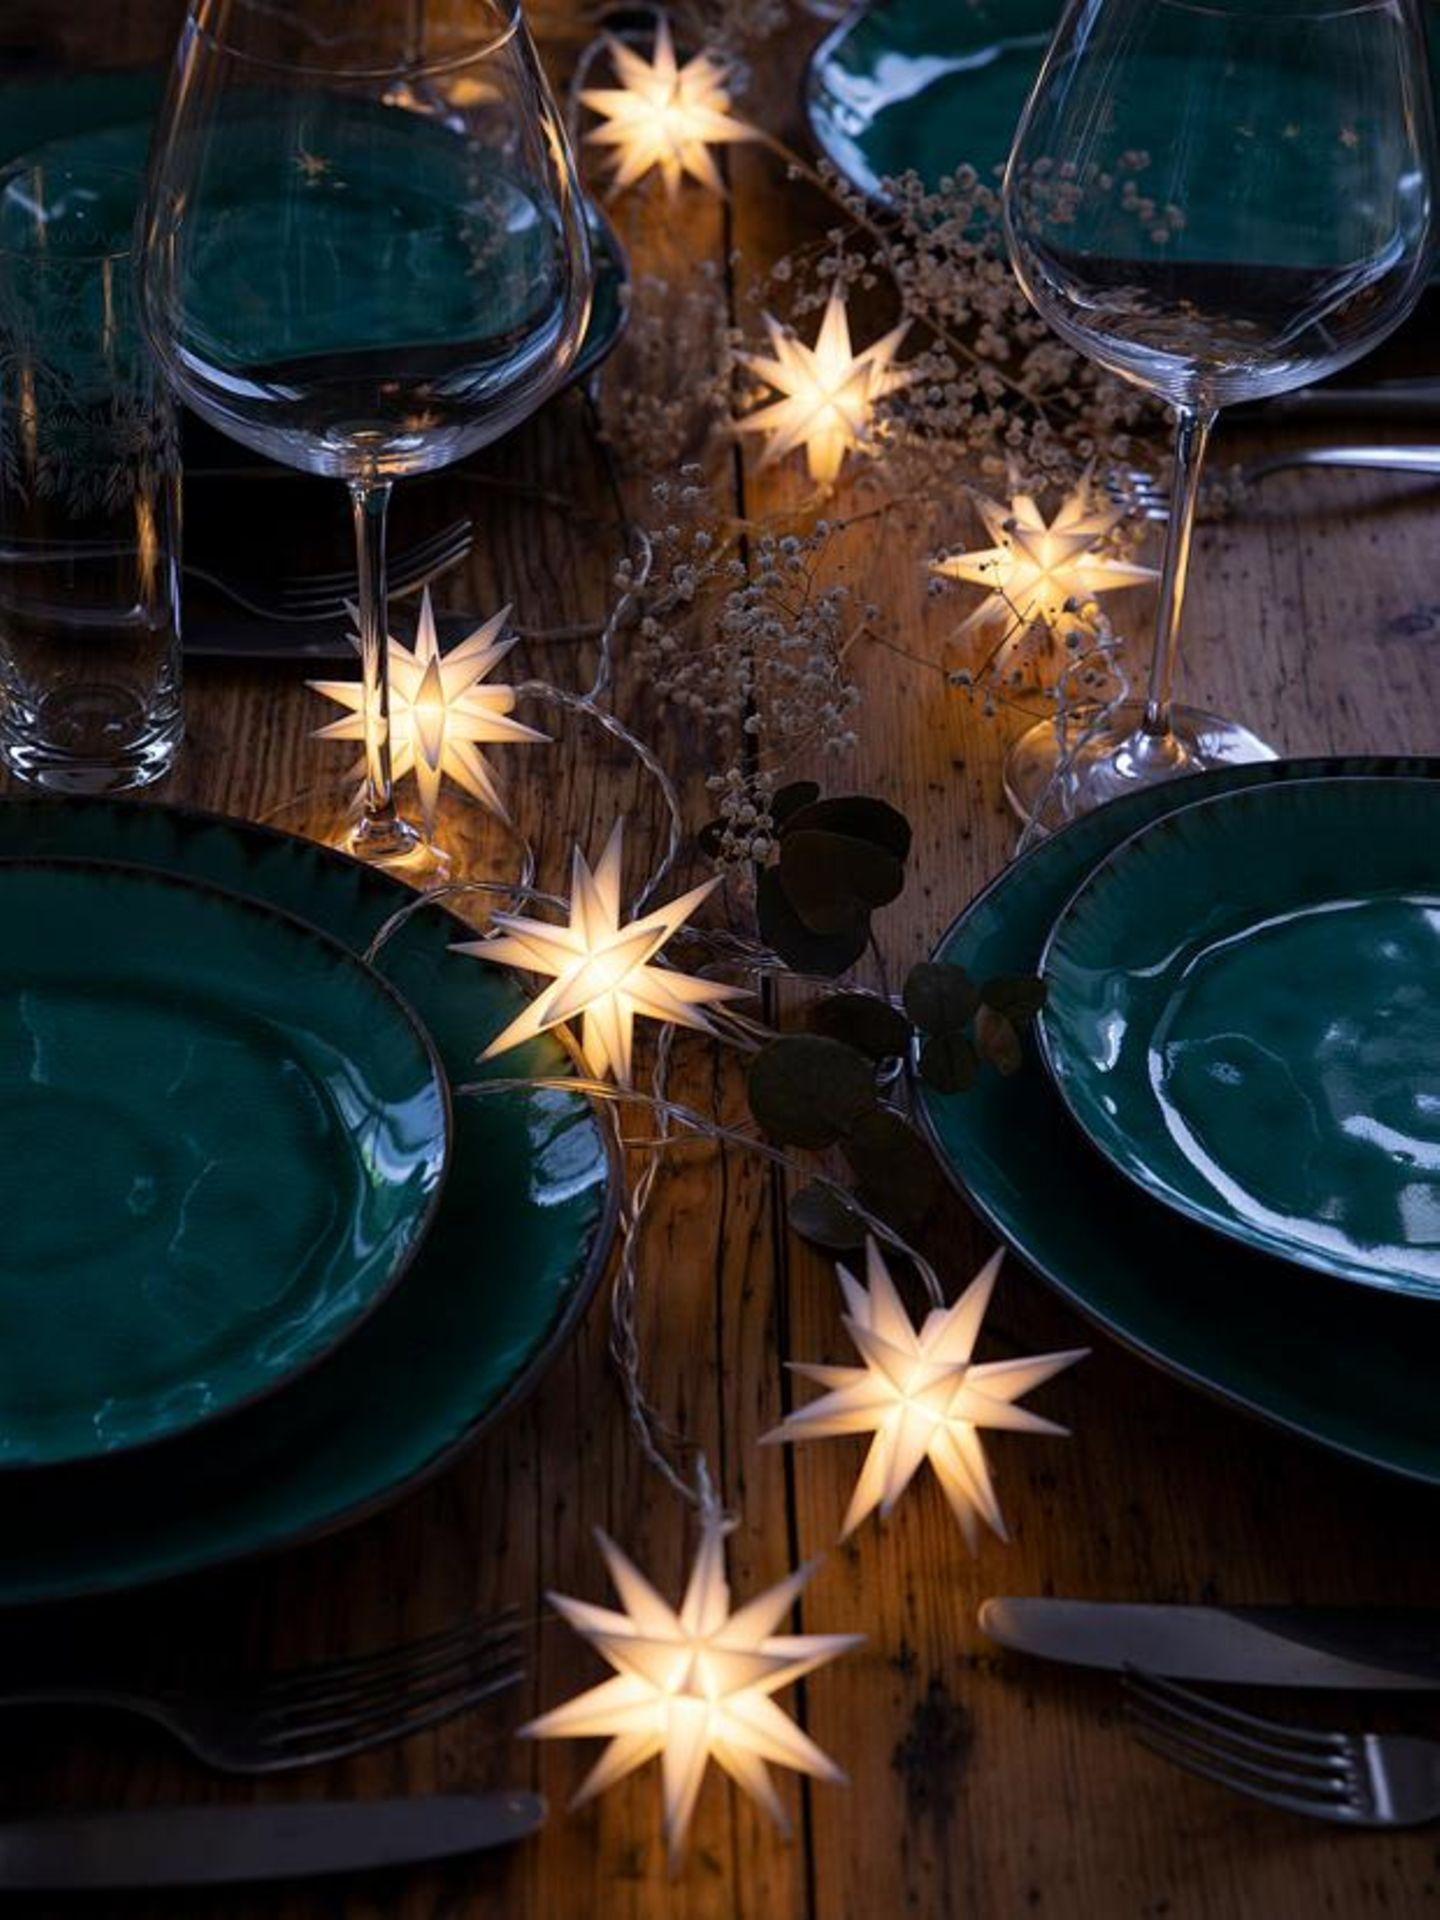 Lichterkette in Sternform auf einem festlich gedeckten Tisch mit dunkler Keramik.